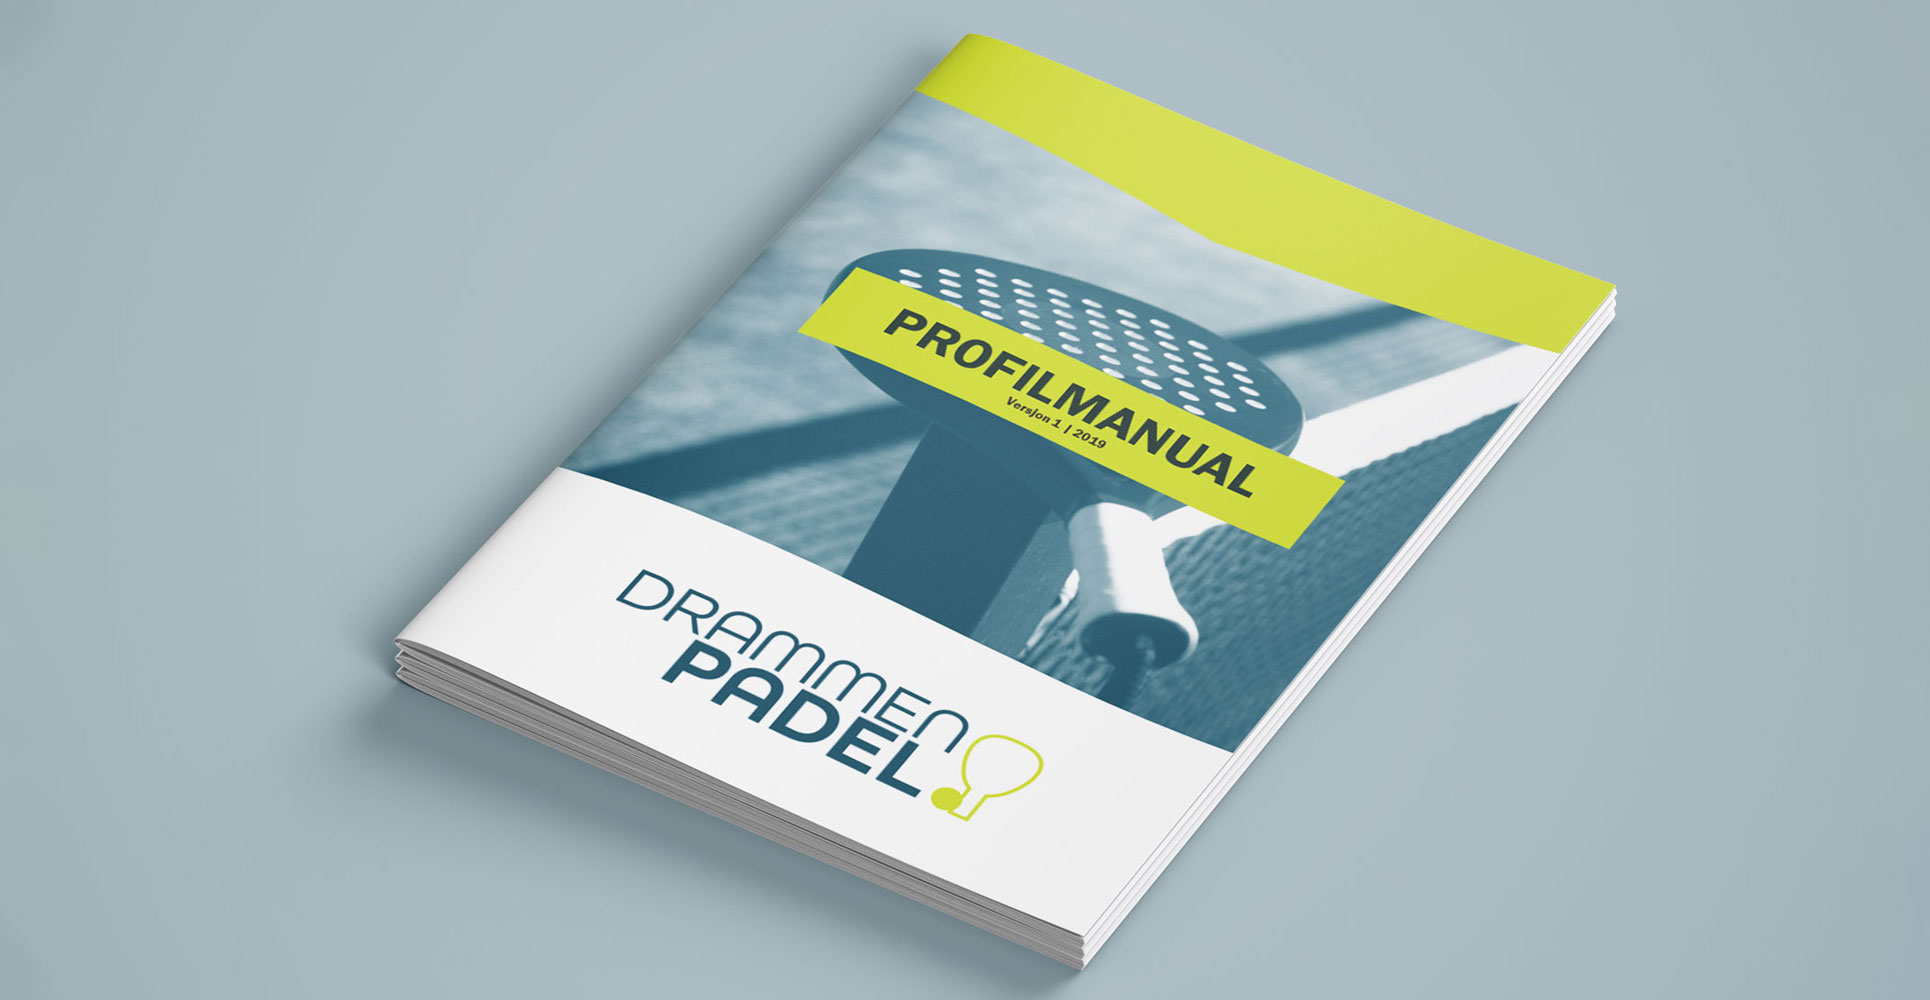 Profilhåndbok med retningslinjer for hele den visuelle profilen